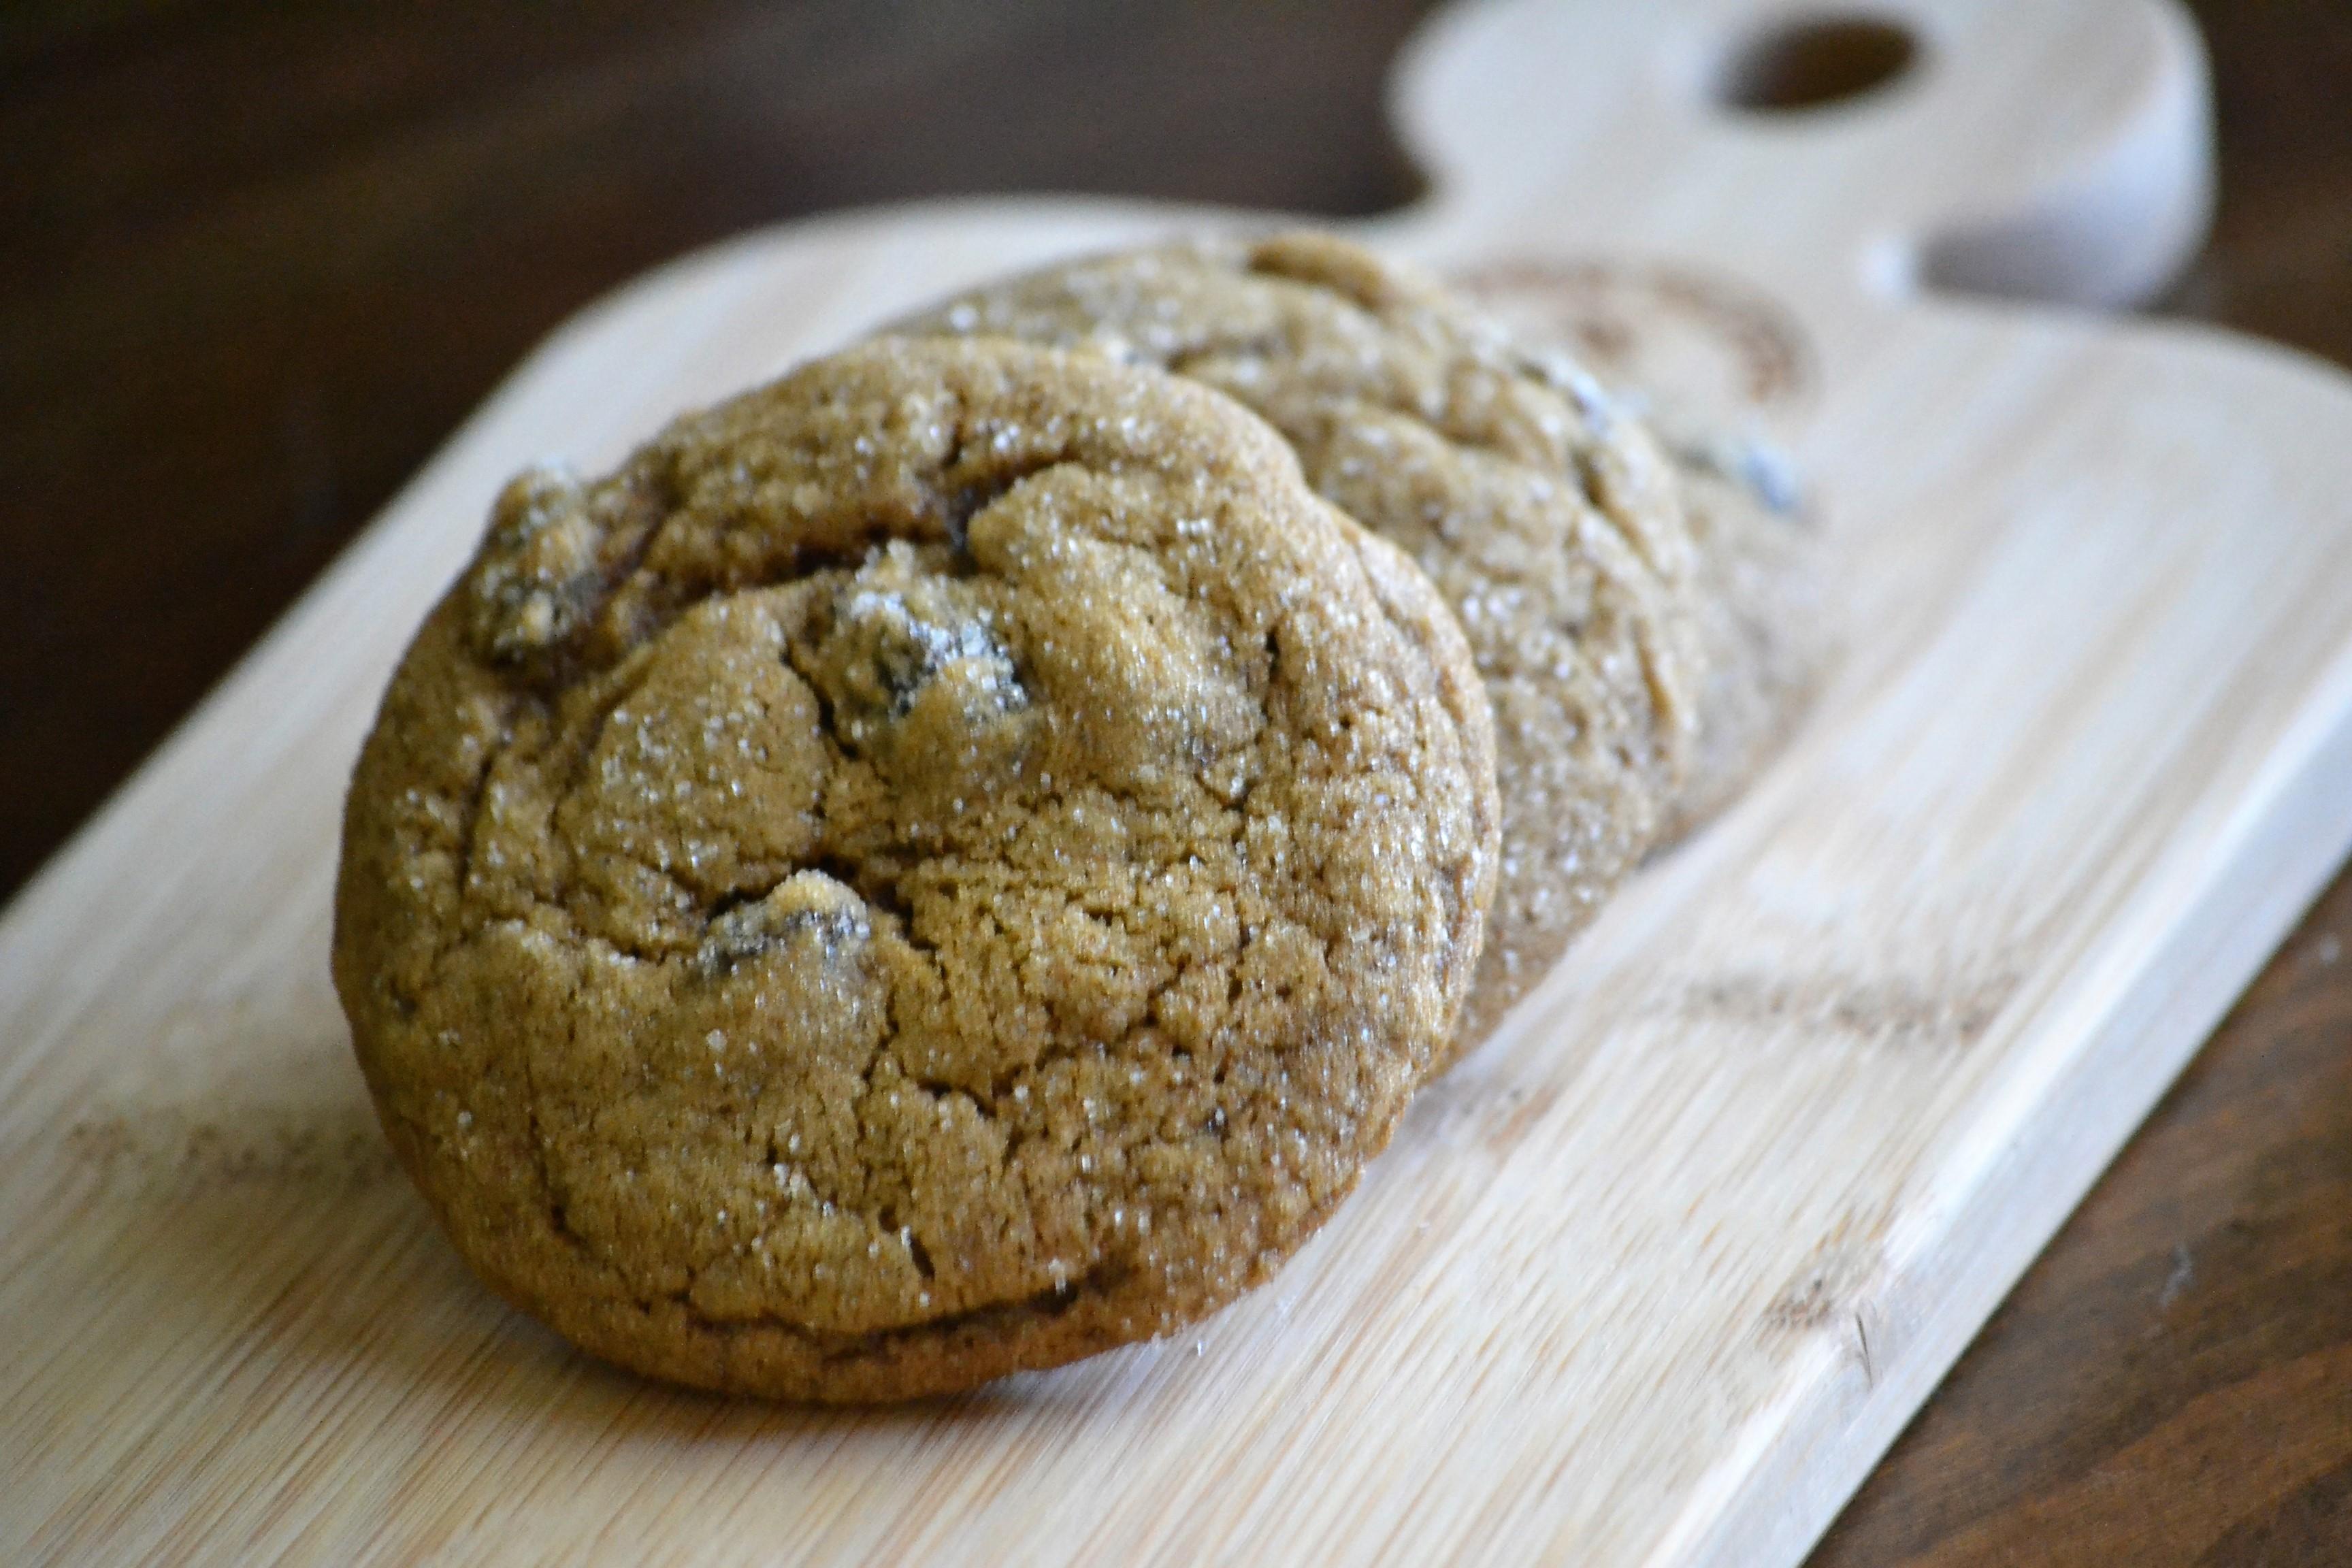 Grammy Burnham's Molasses Cookies Kim